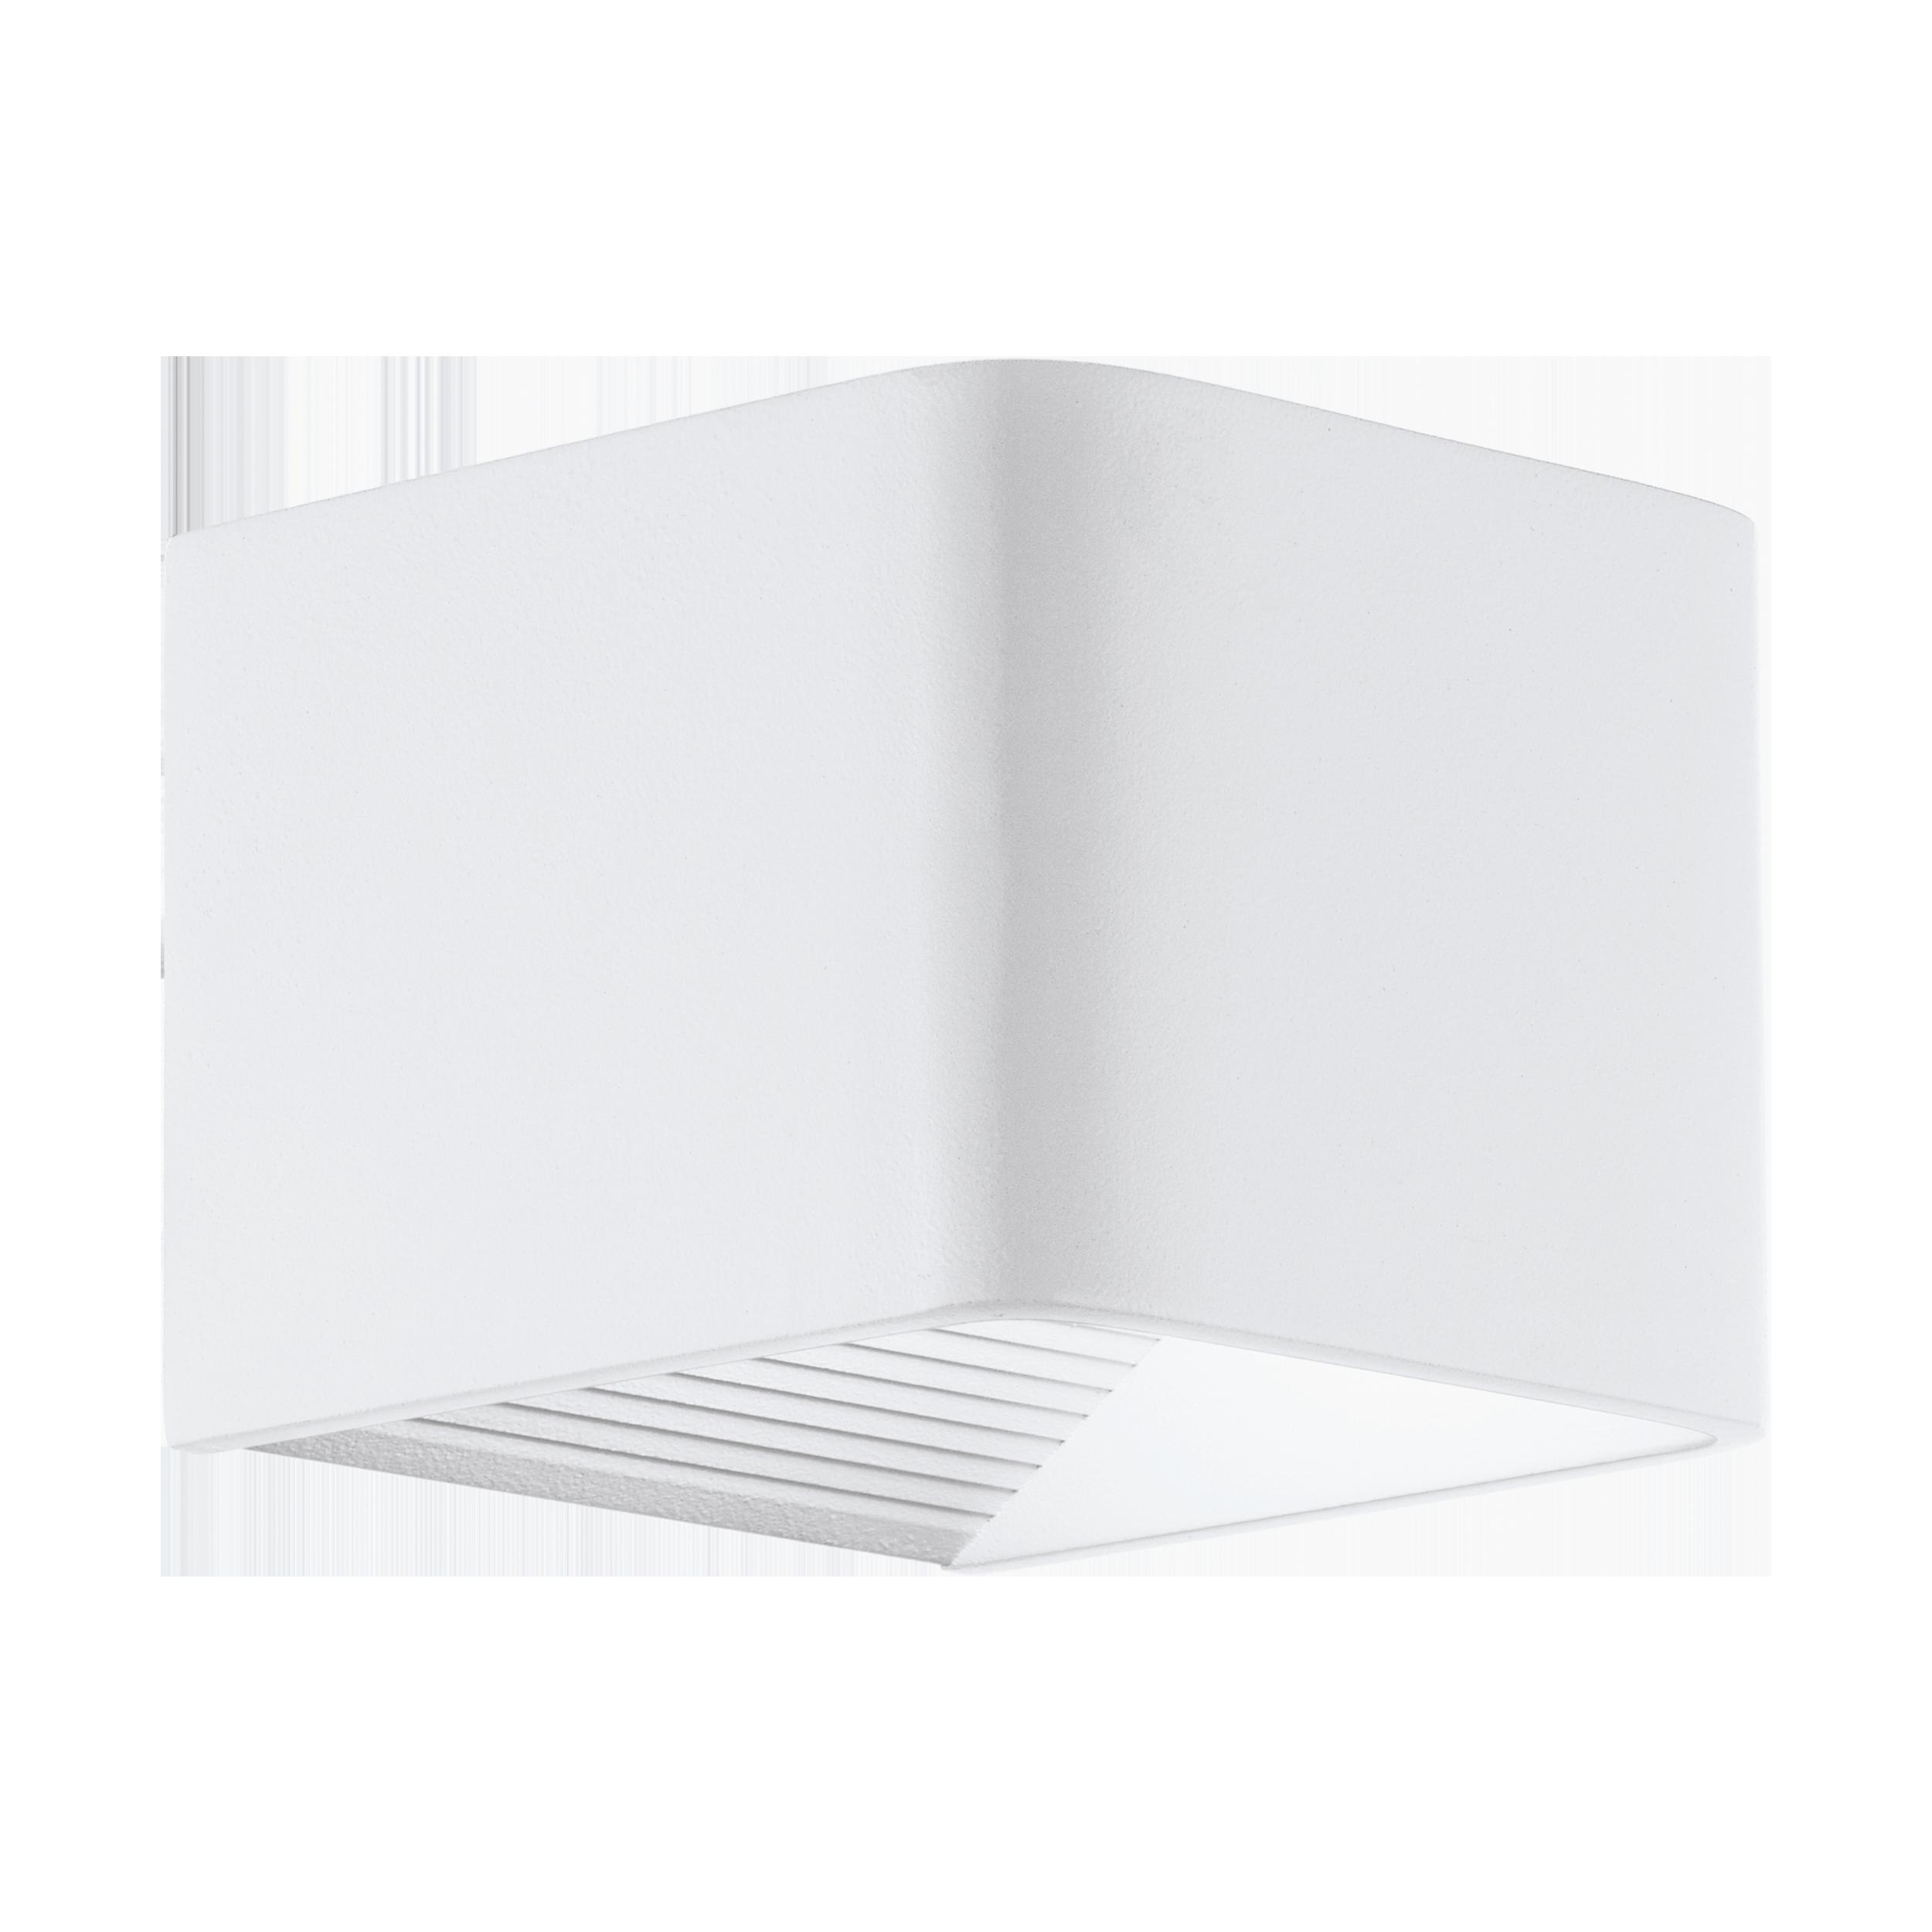 Välisvalgusti DONINNI1 LED 6W 600lm 3000K, IP44, alumiinium, valge / plastik, valge